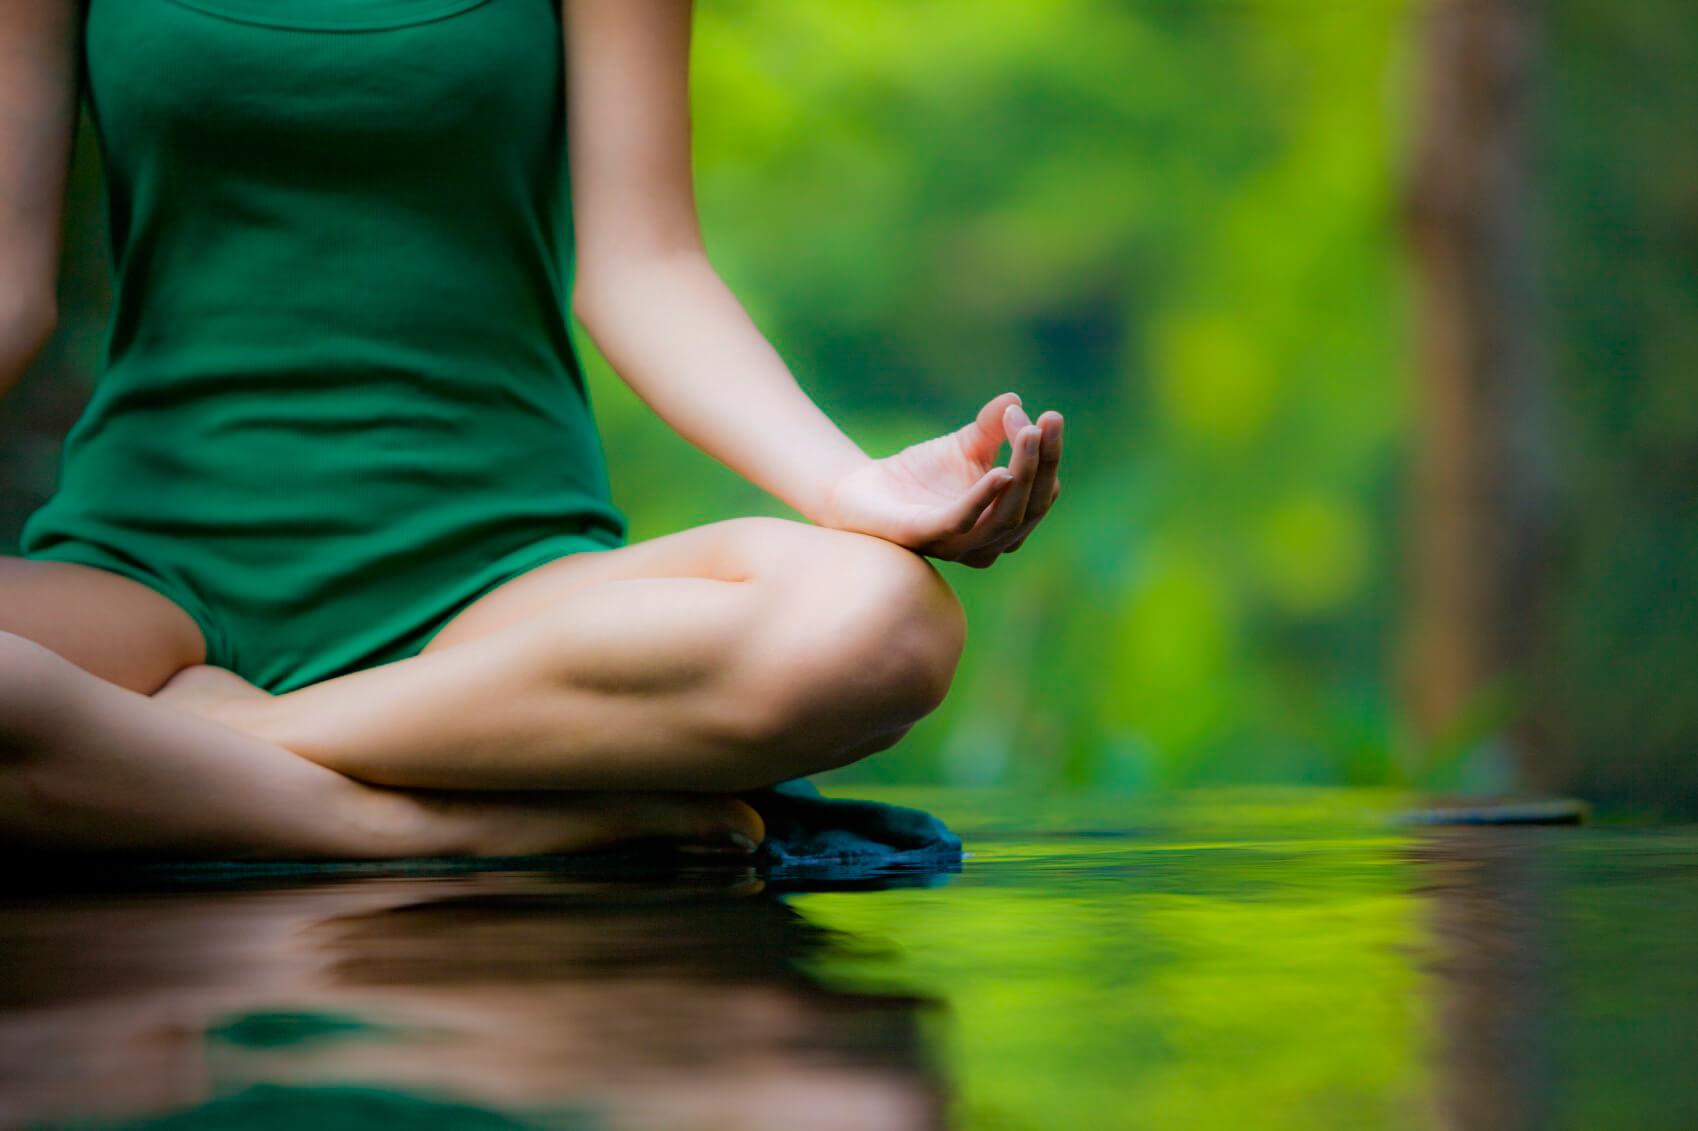 Ejercicios-de-Yoga-para-Principiantes-51